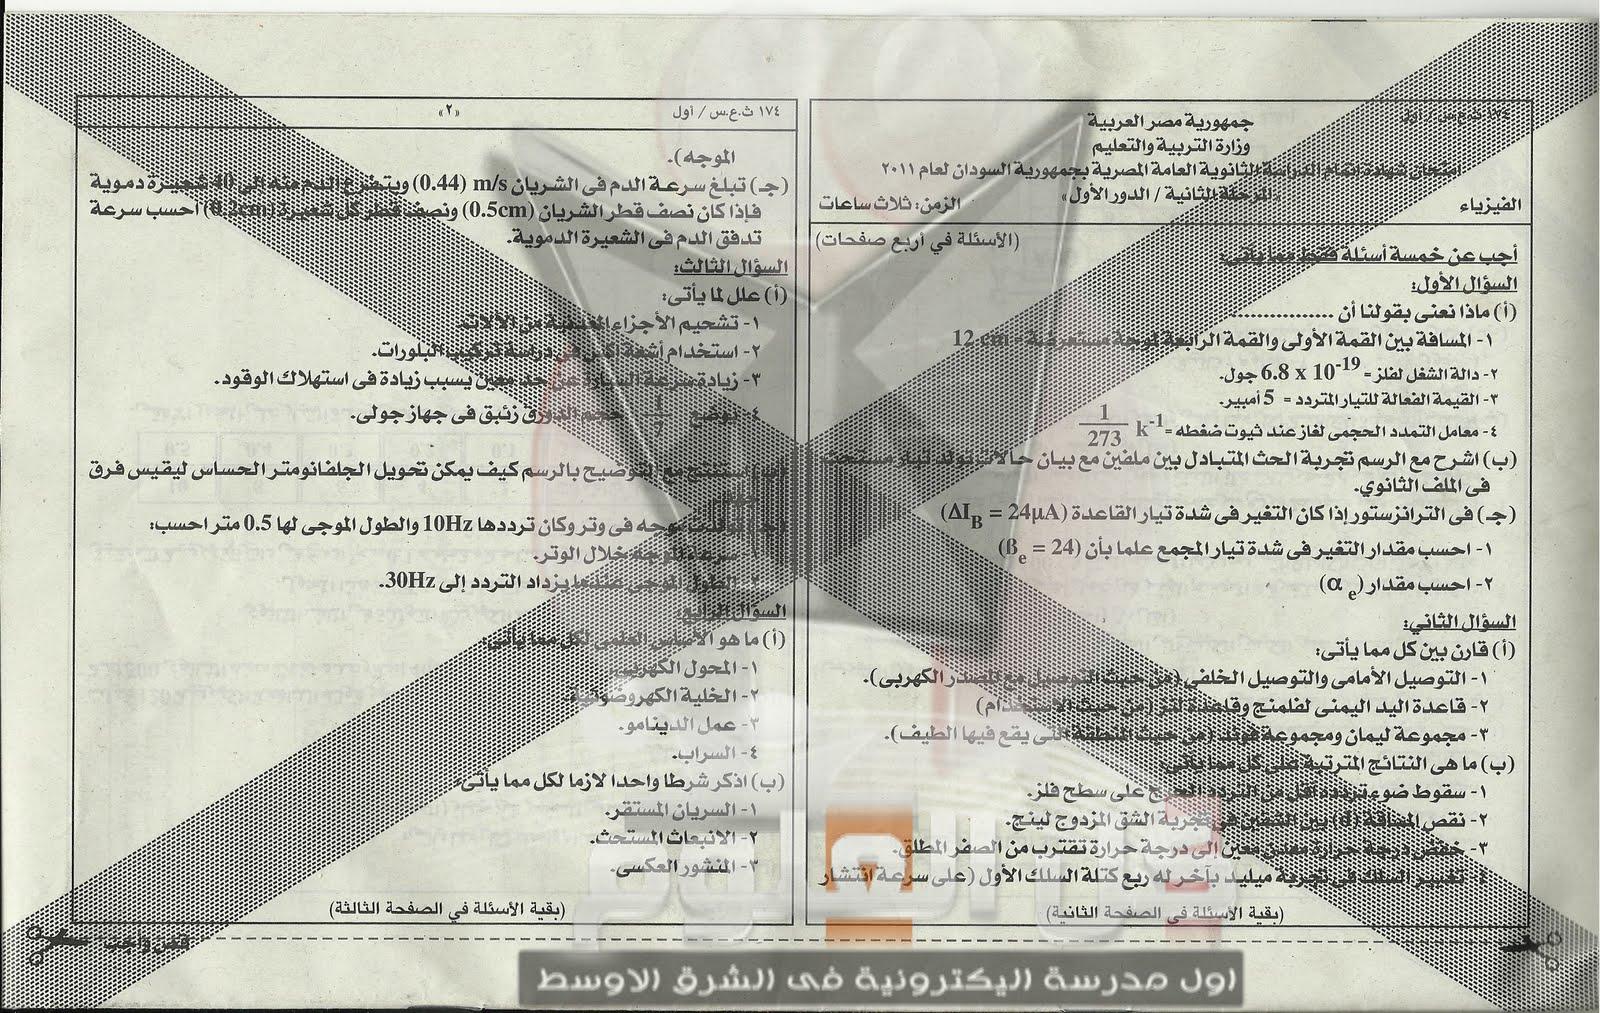 امتحان فيزياء2011 السودان 3%20copy